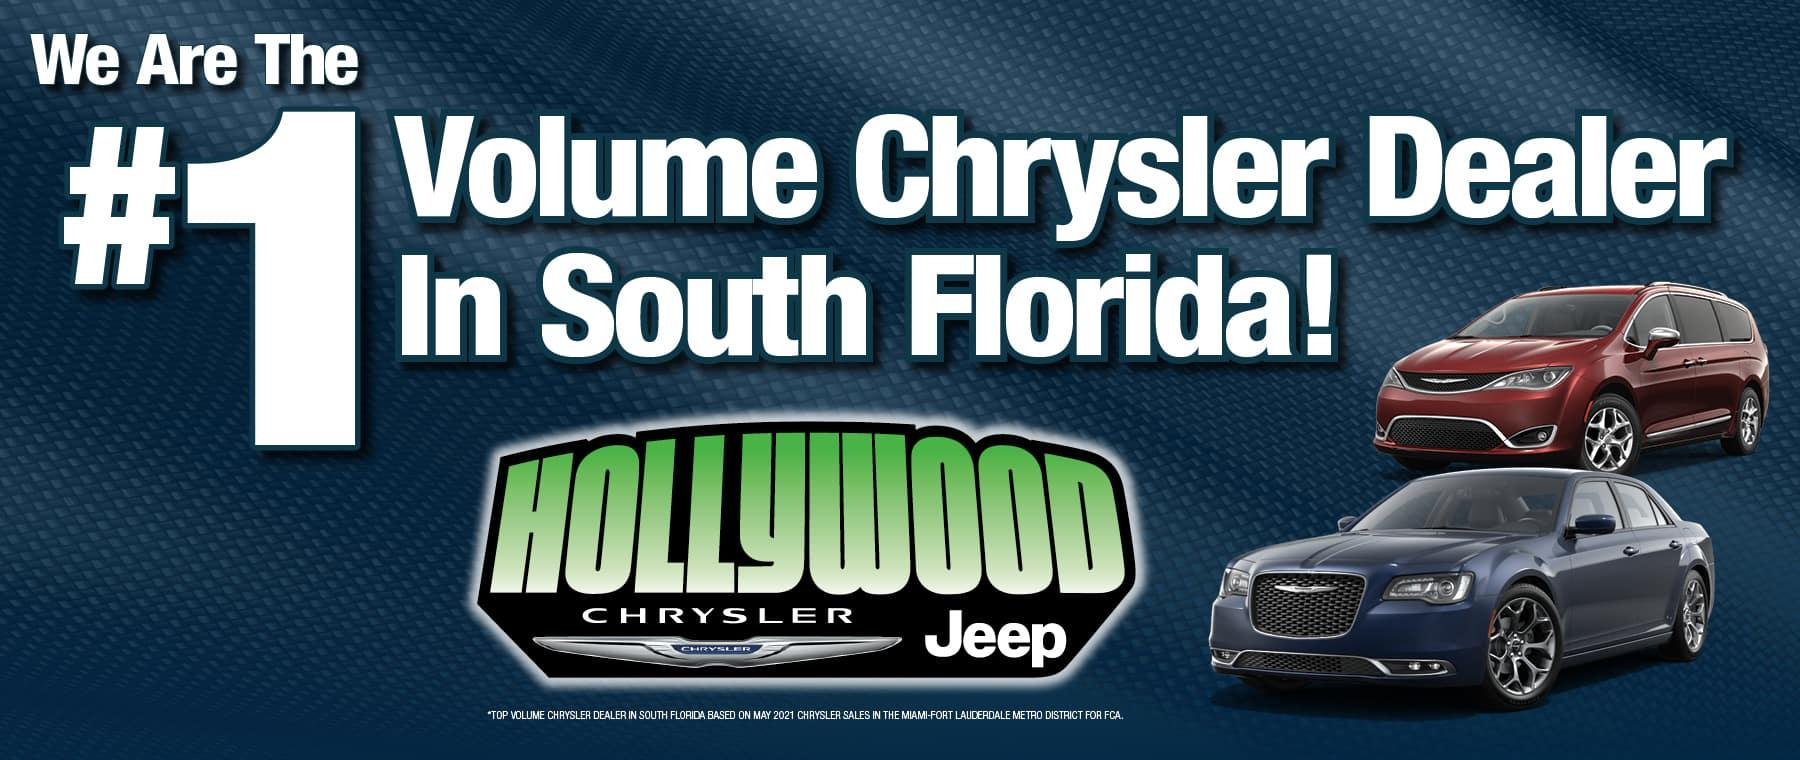 Chrysler Dealer